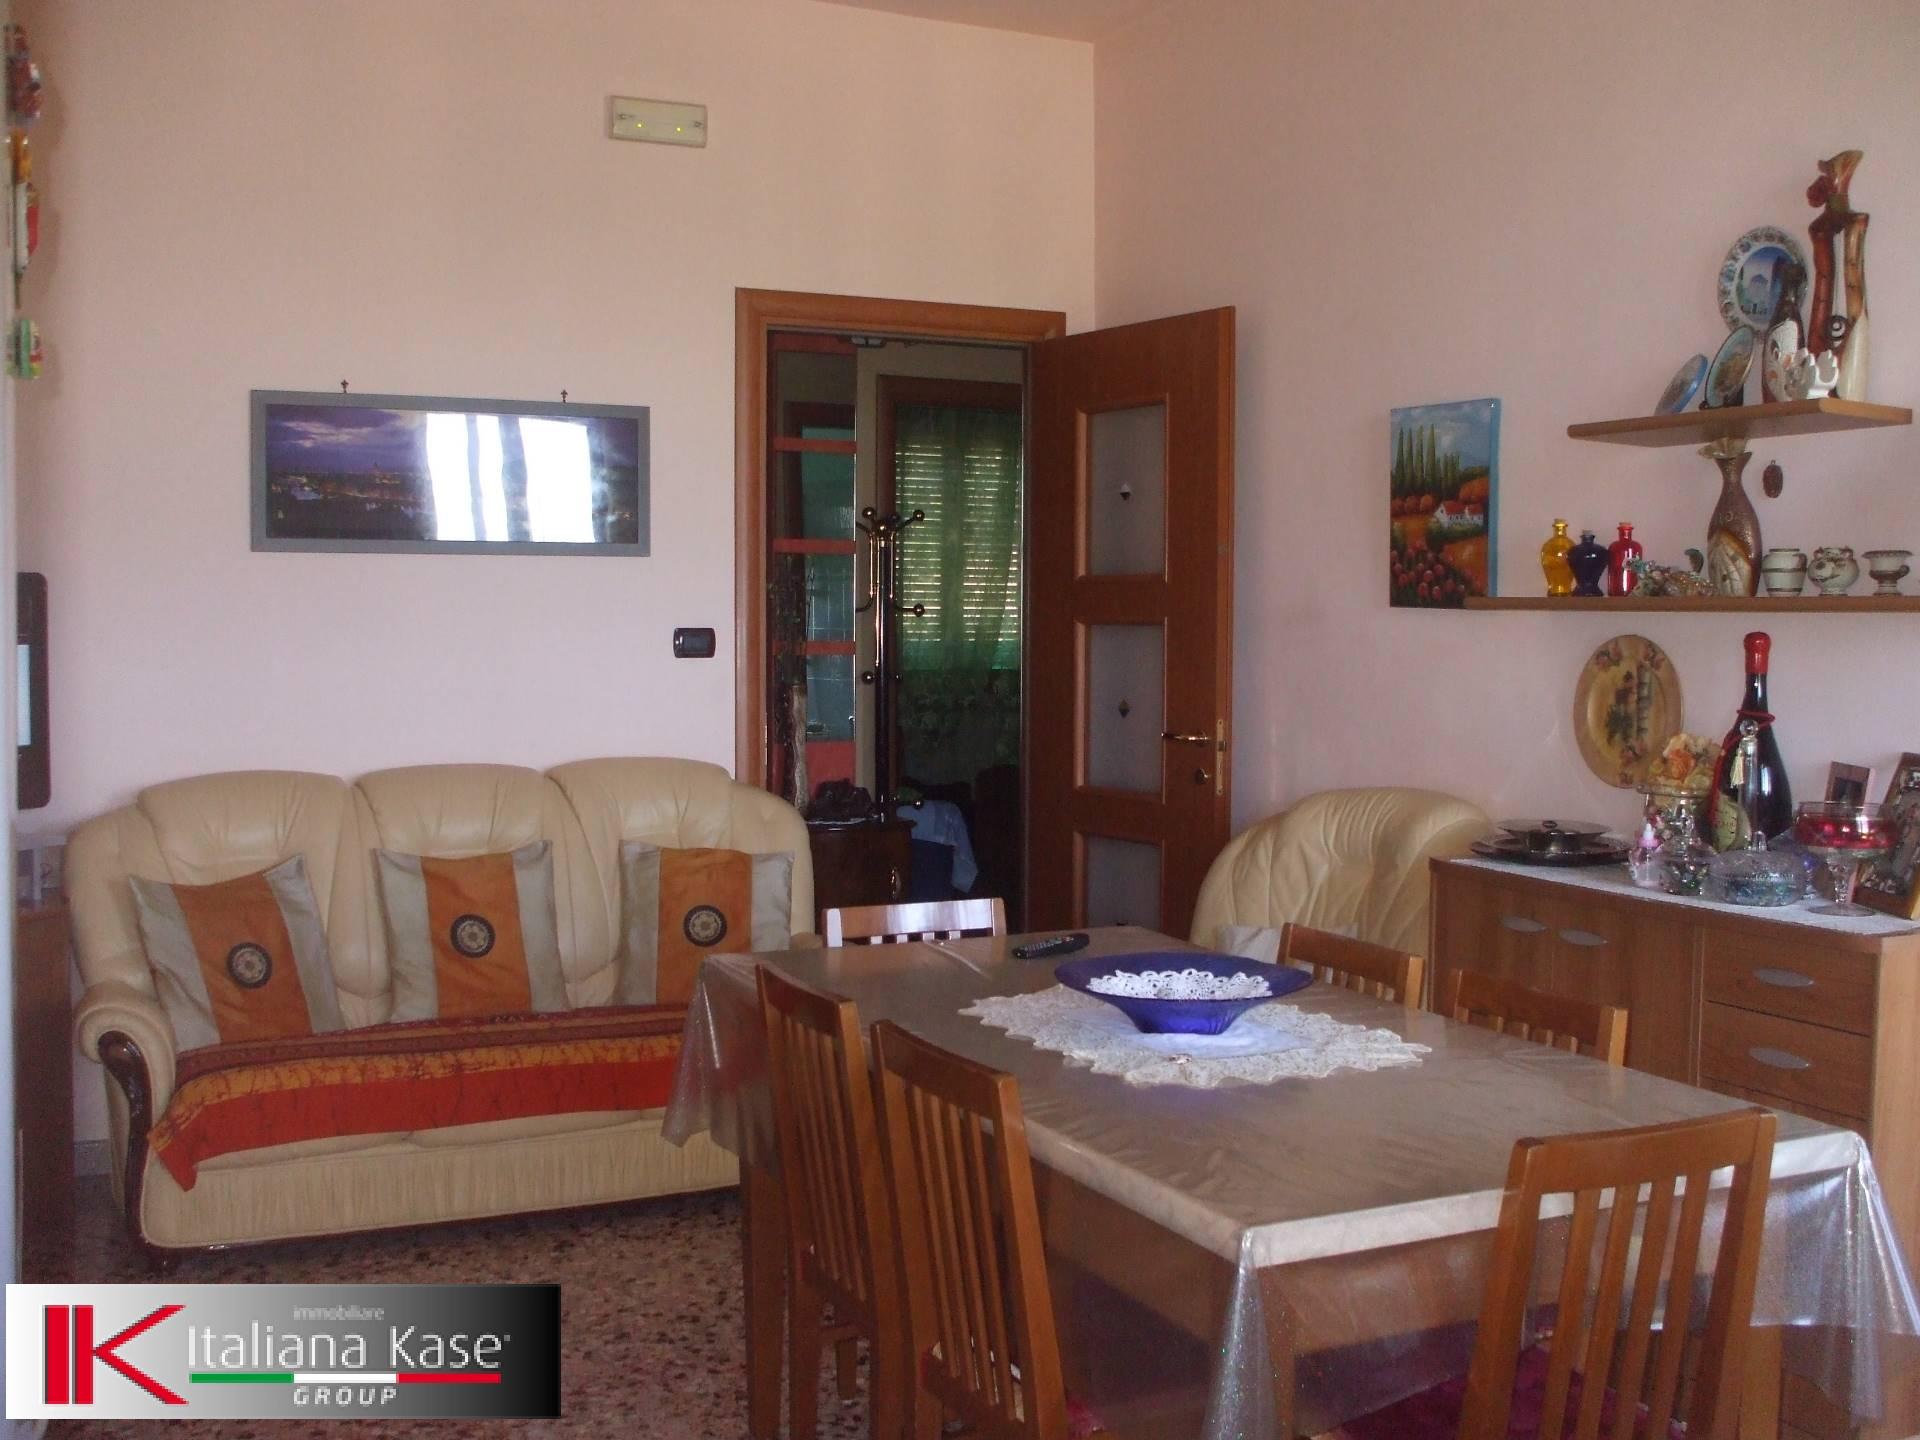 Appartamento in vendita a Castiglione Torinese, 3 locali, zona Località: Centro, prezzo € 95.000 | CambioCasa.it